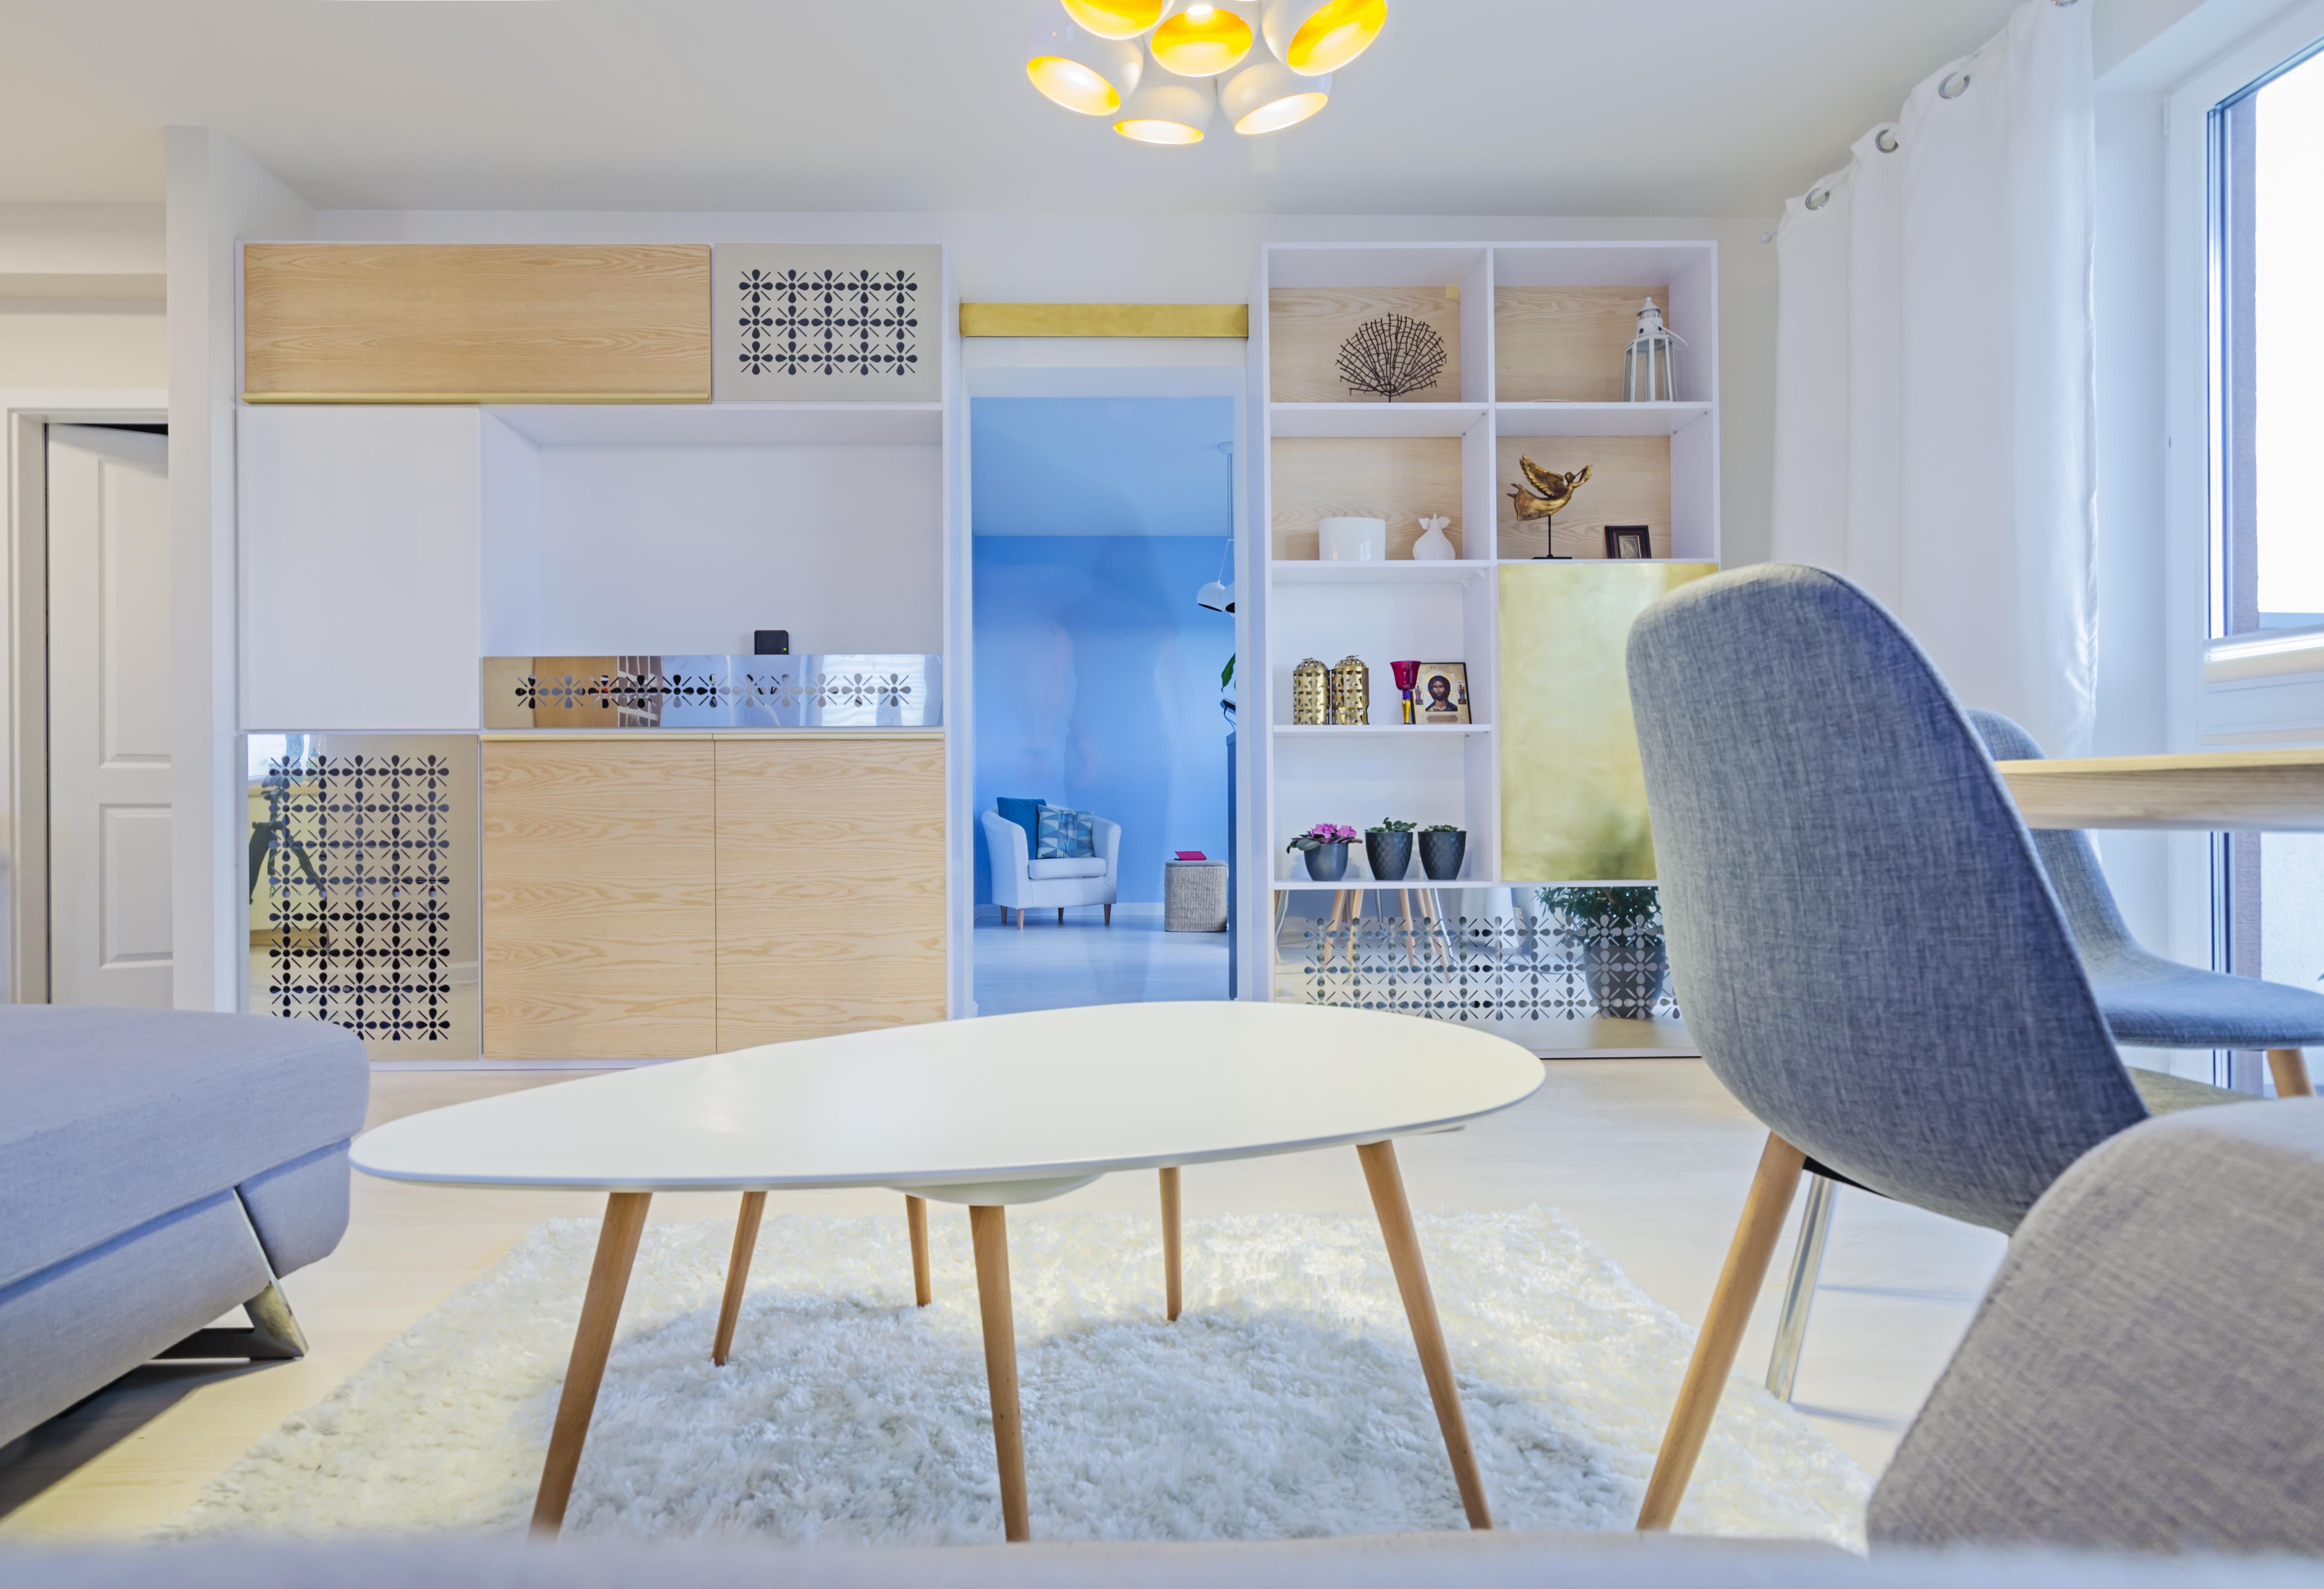 stolik, złoto i srebro, portfolio, laurowa, mieszkanie, projektowanie wnętrz, łazienka